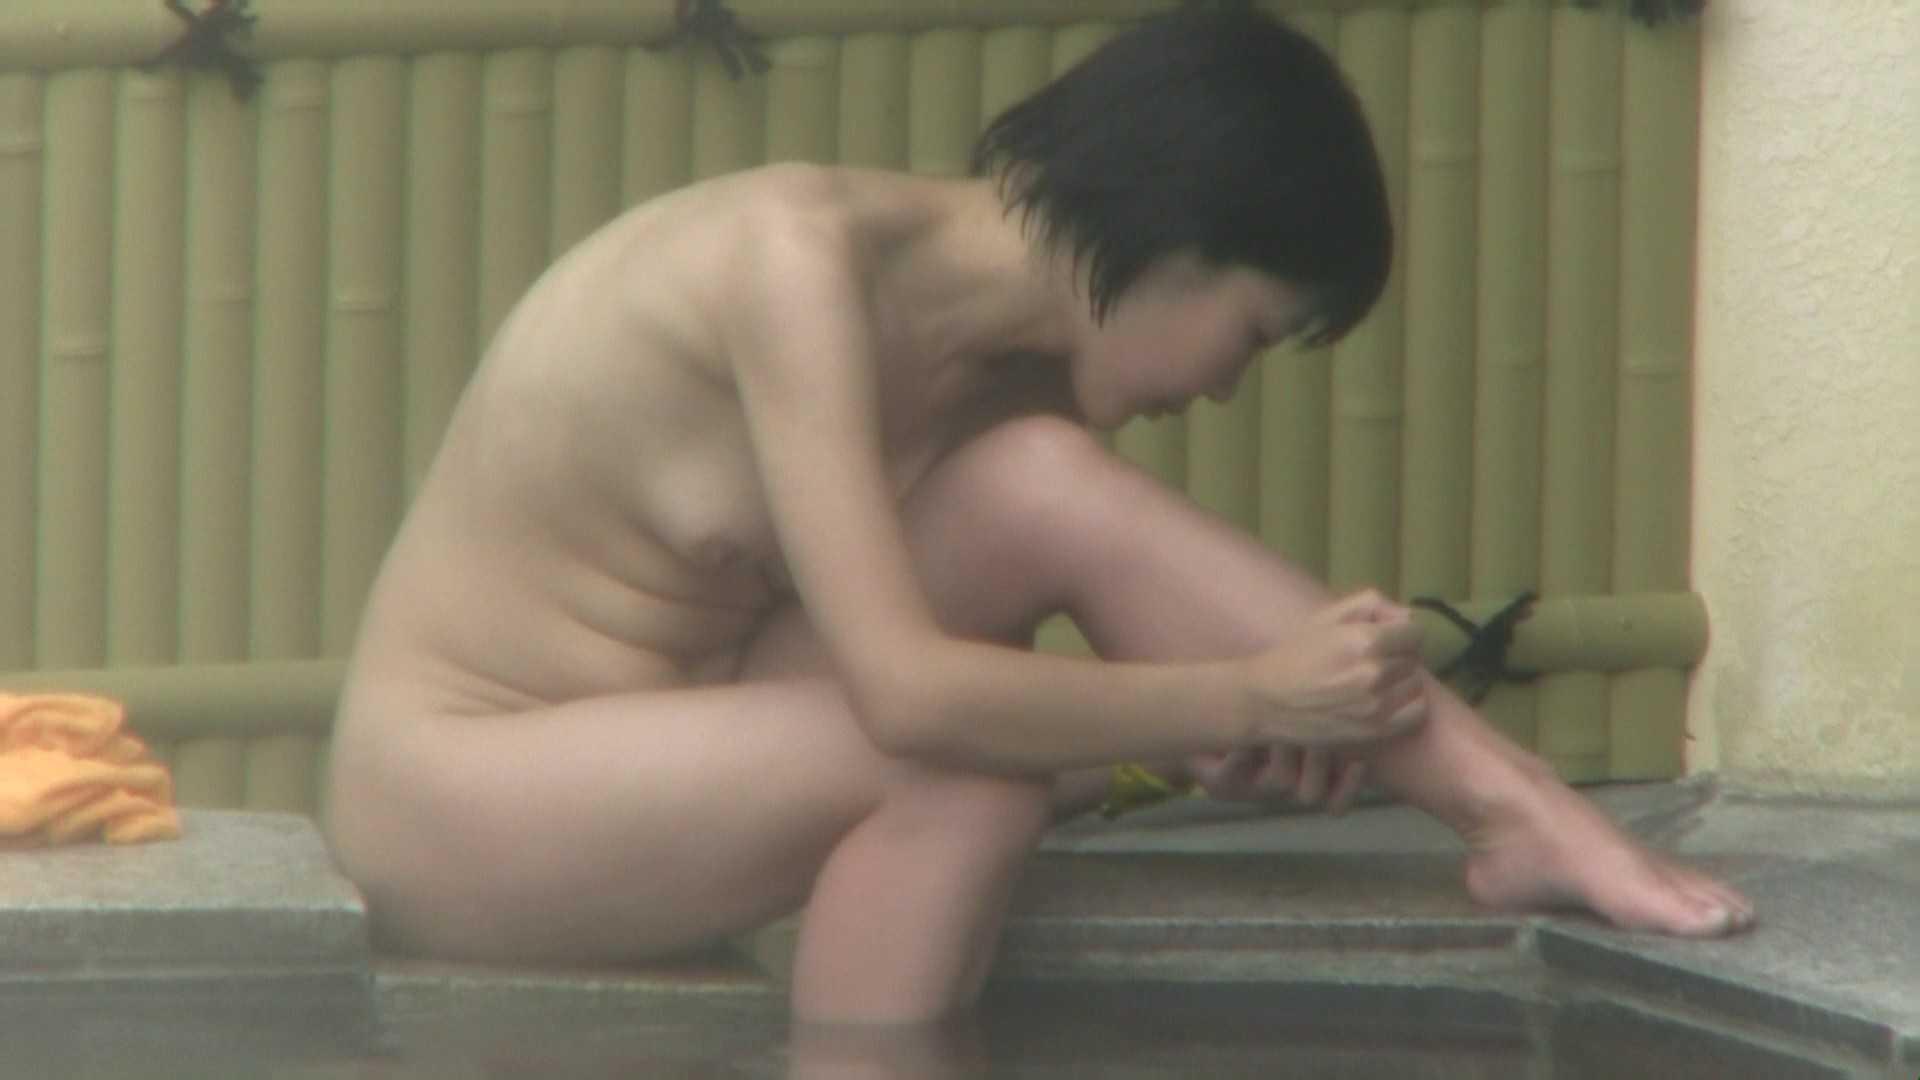 Aquaな露天風呂Vol.75【VIP限定】 美しいOLの裸体  107pic 66